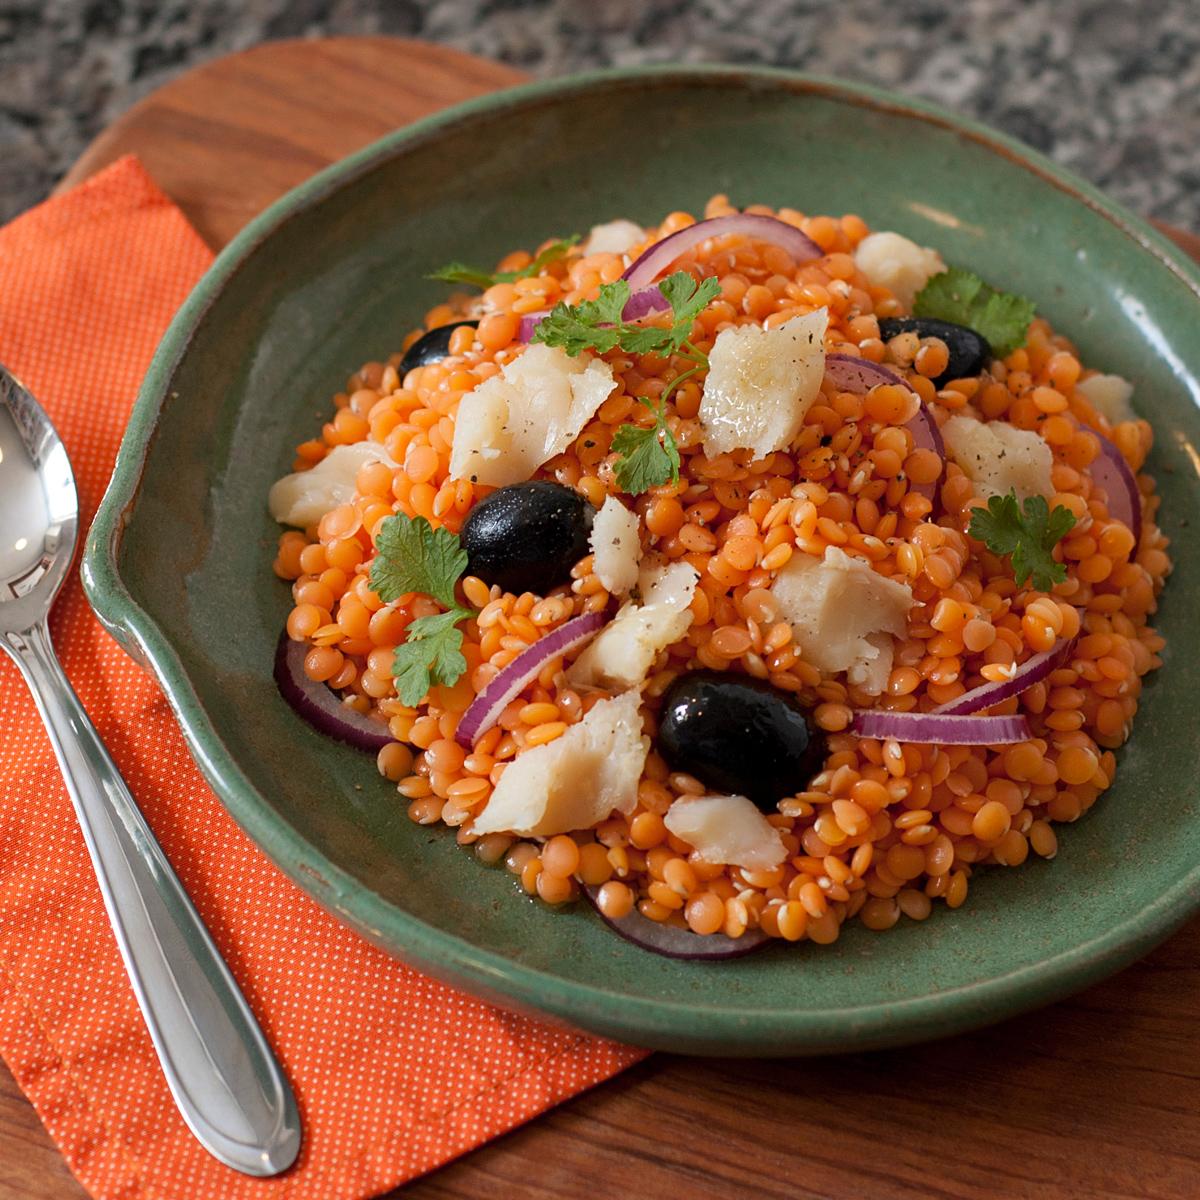 receita, gourmetice, salada, lentilha vermelha, bacalhau, cebola roxa, azeitona preta, salsinha, coentro